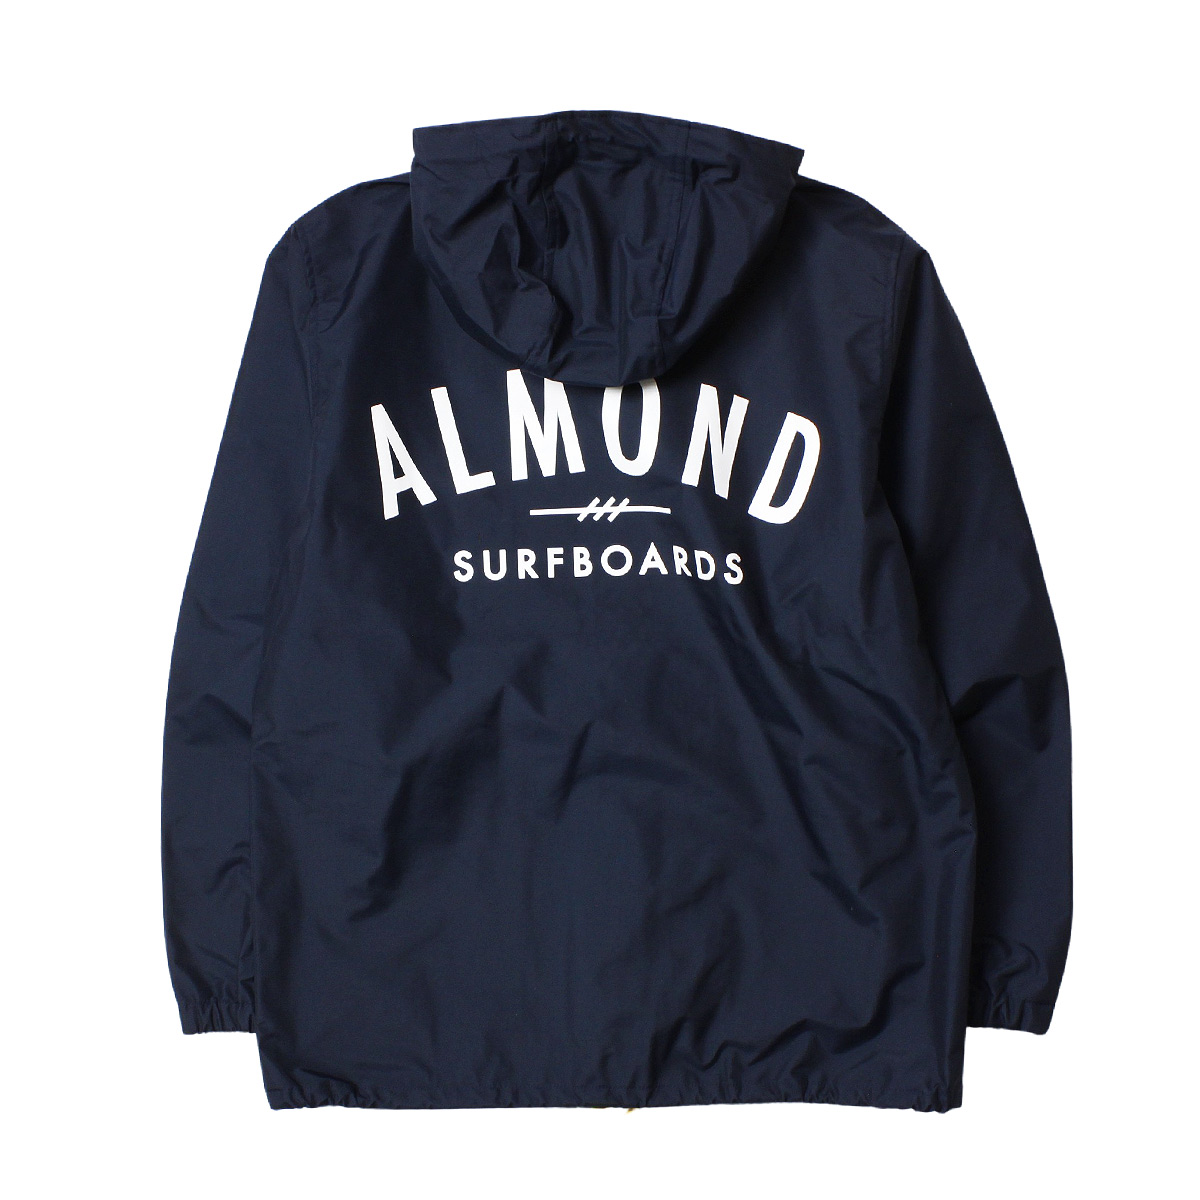 Almond Surf アーモンドサーフボードデザイン MOUNTAIN SNAP JACKET